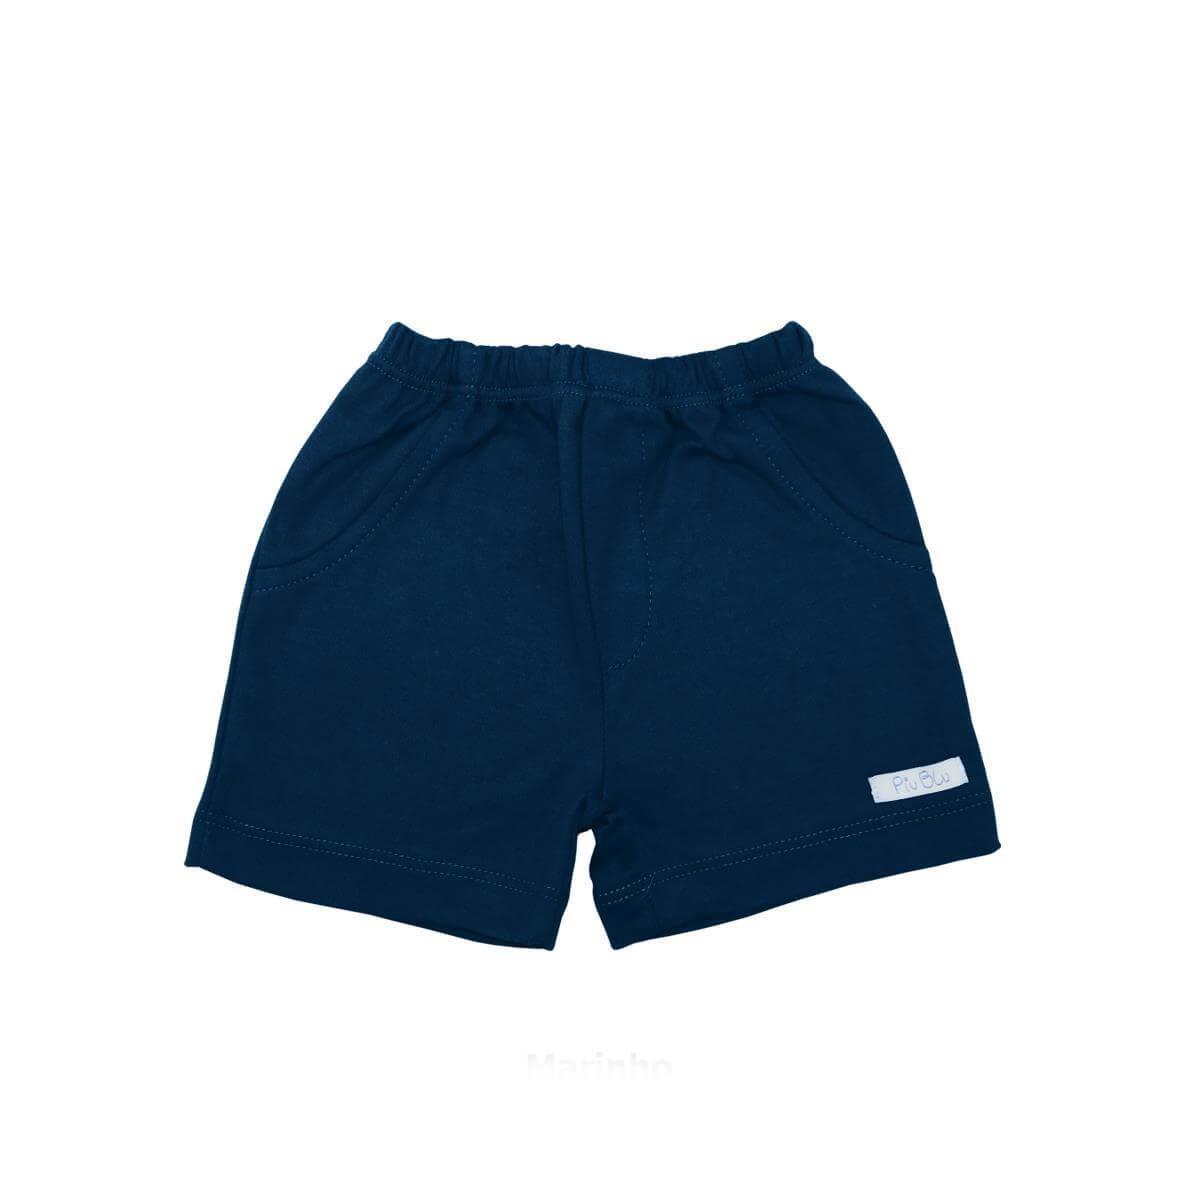 Shorts Masculino 1 ao 4 Azul Marinho